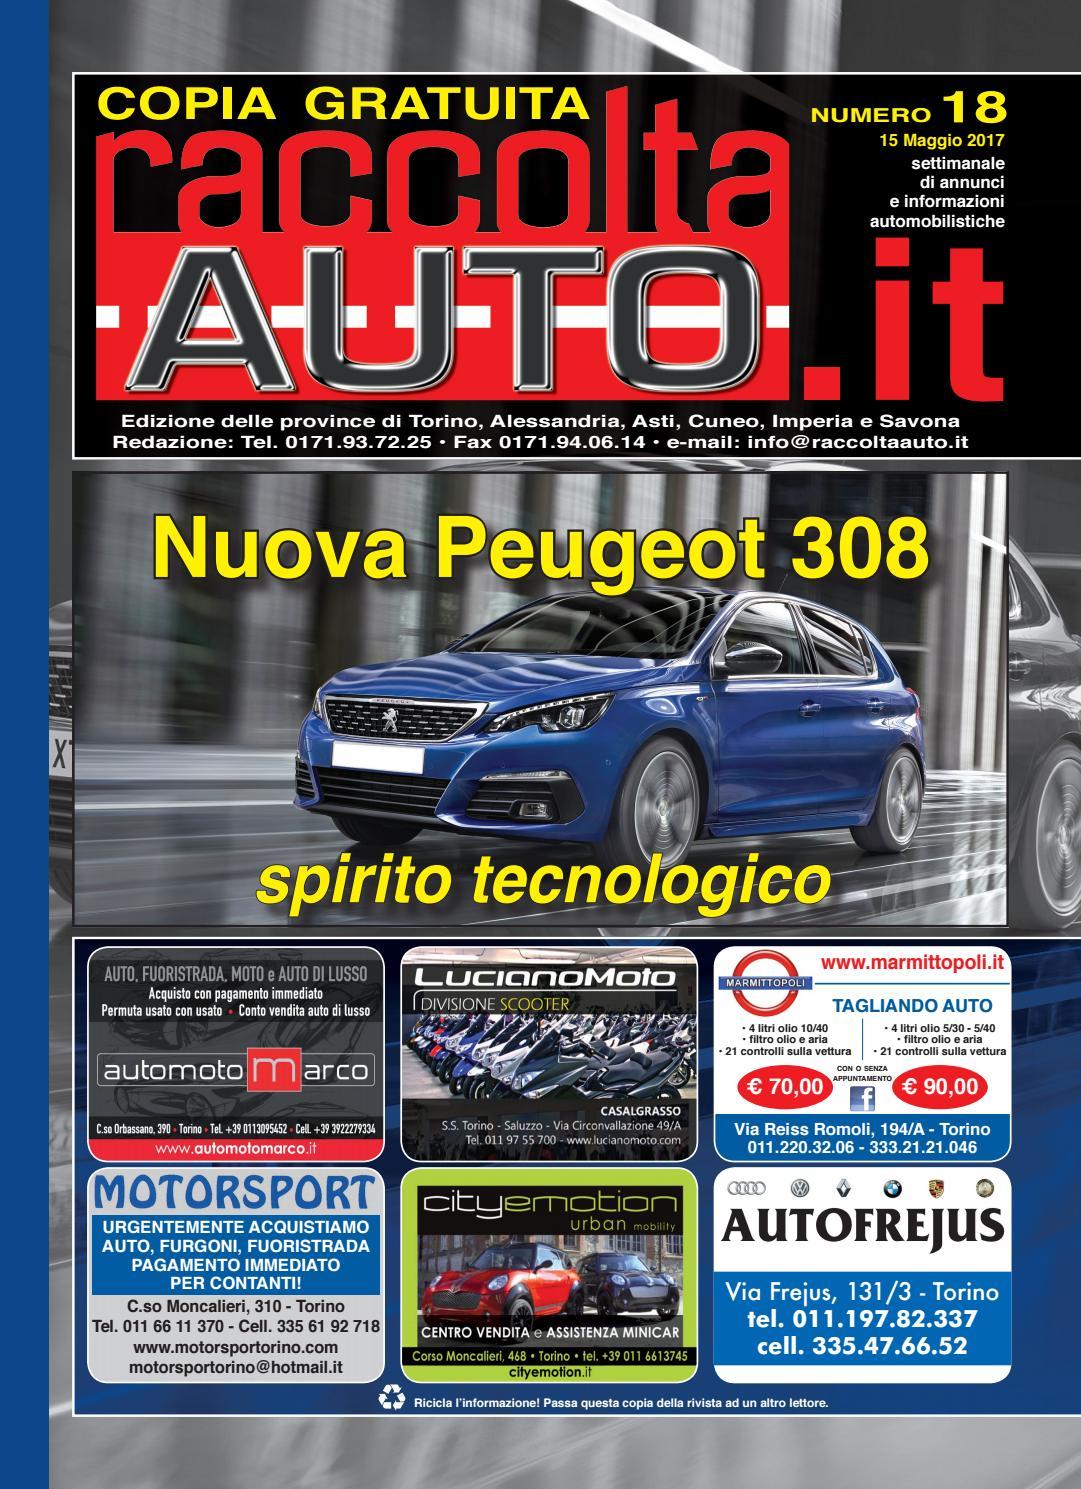 TUBO DI SCARICO ANTERIORE SUZUKI ALTO 1.1 Benzina due volumi 01//2003 a 03//2007